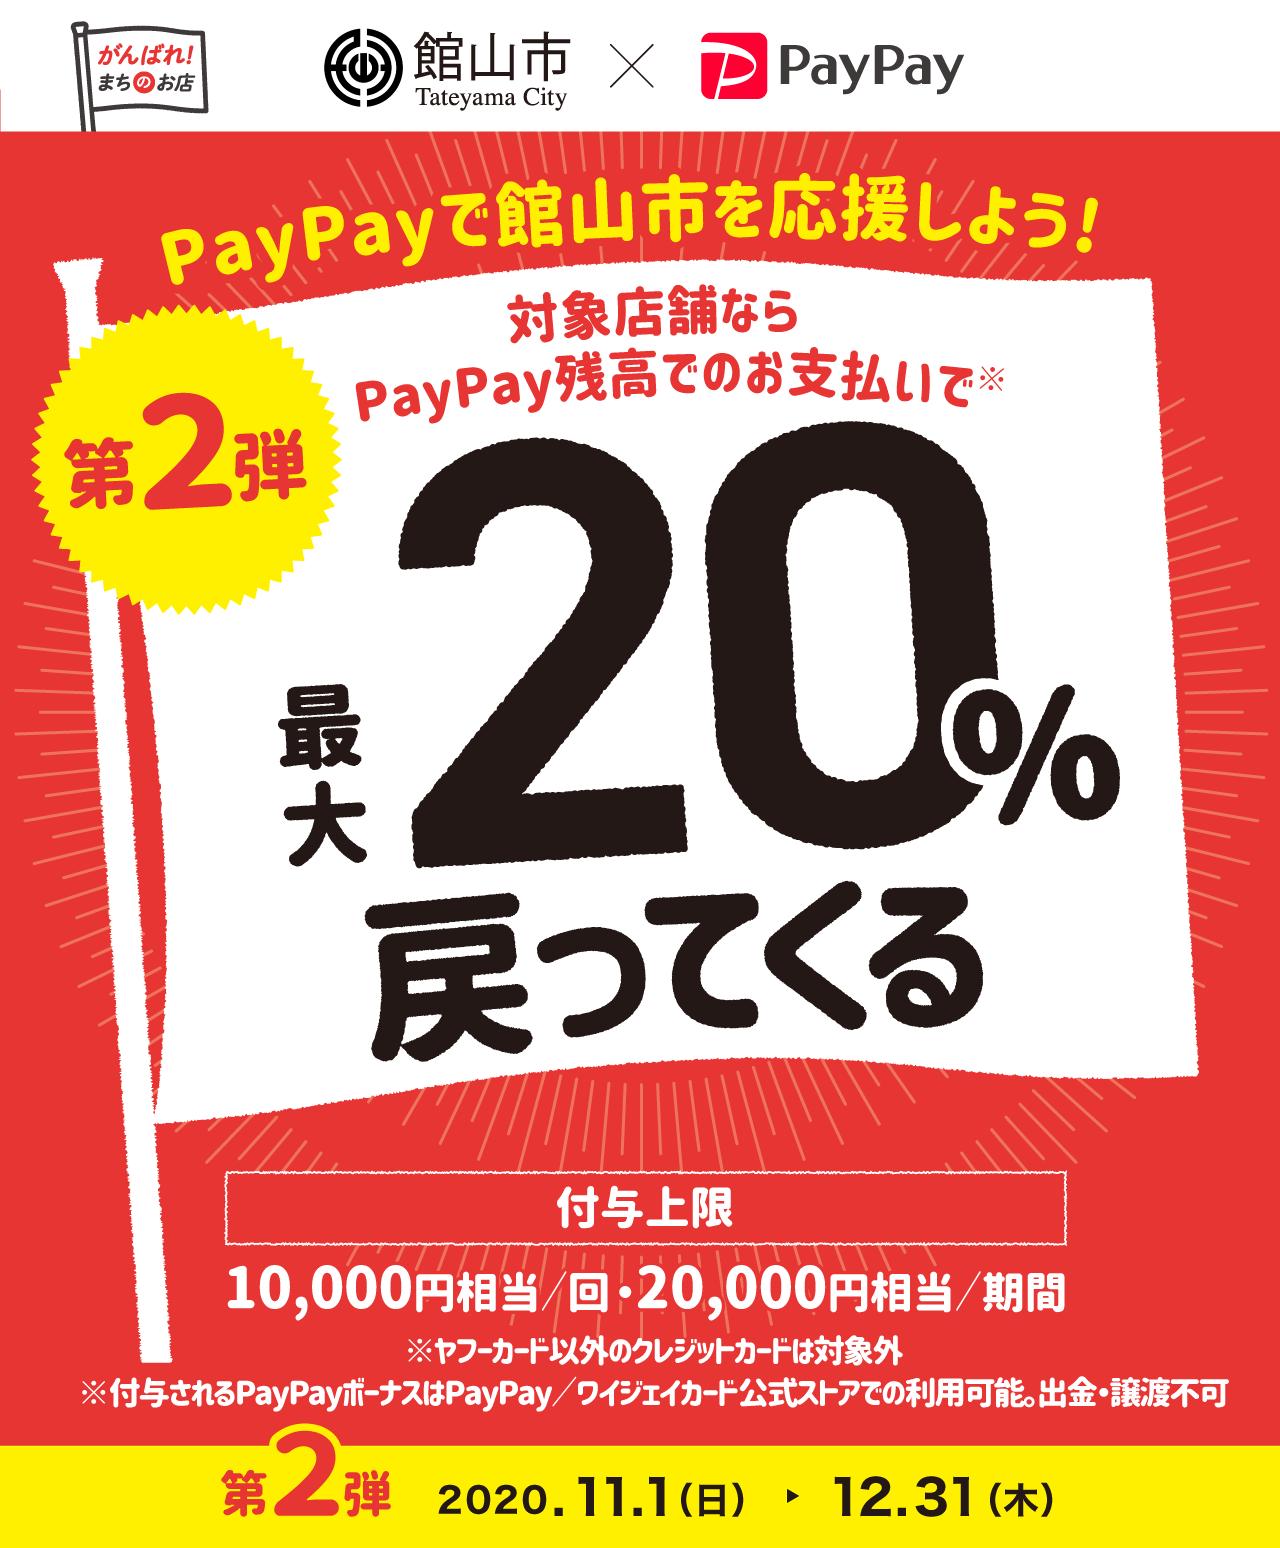 PayPayで館山市を応援しよう! 第2弾 対象店舗ならPayPay残高でのお支払いで最大20%戻ってくる